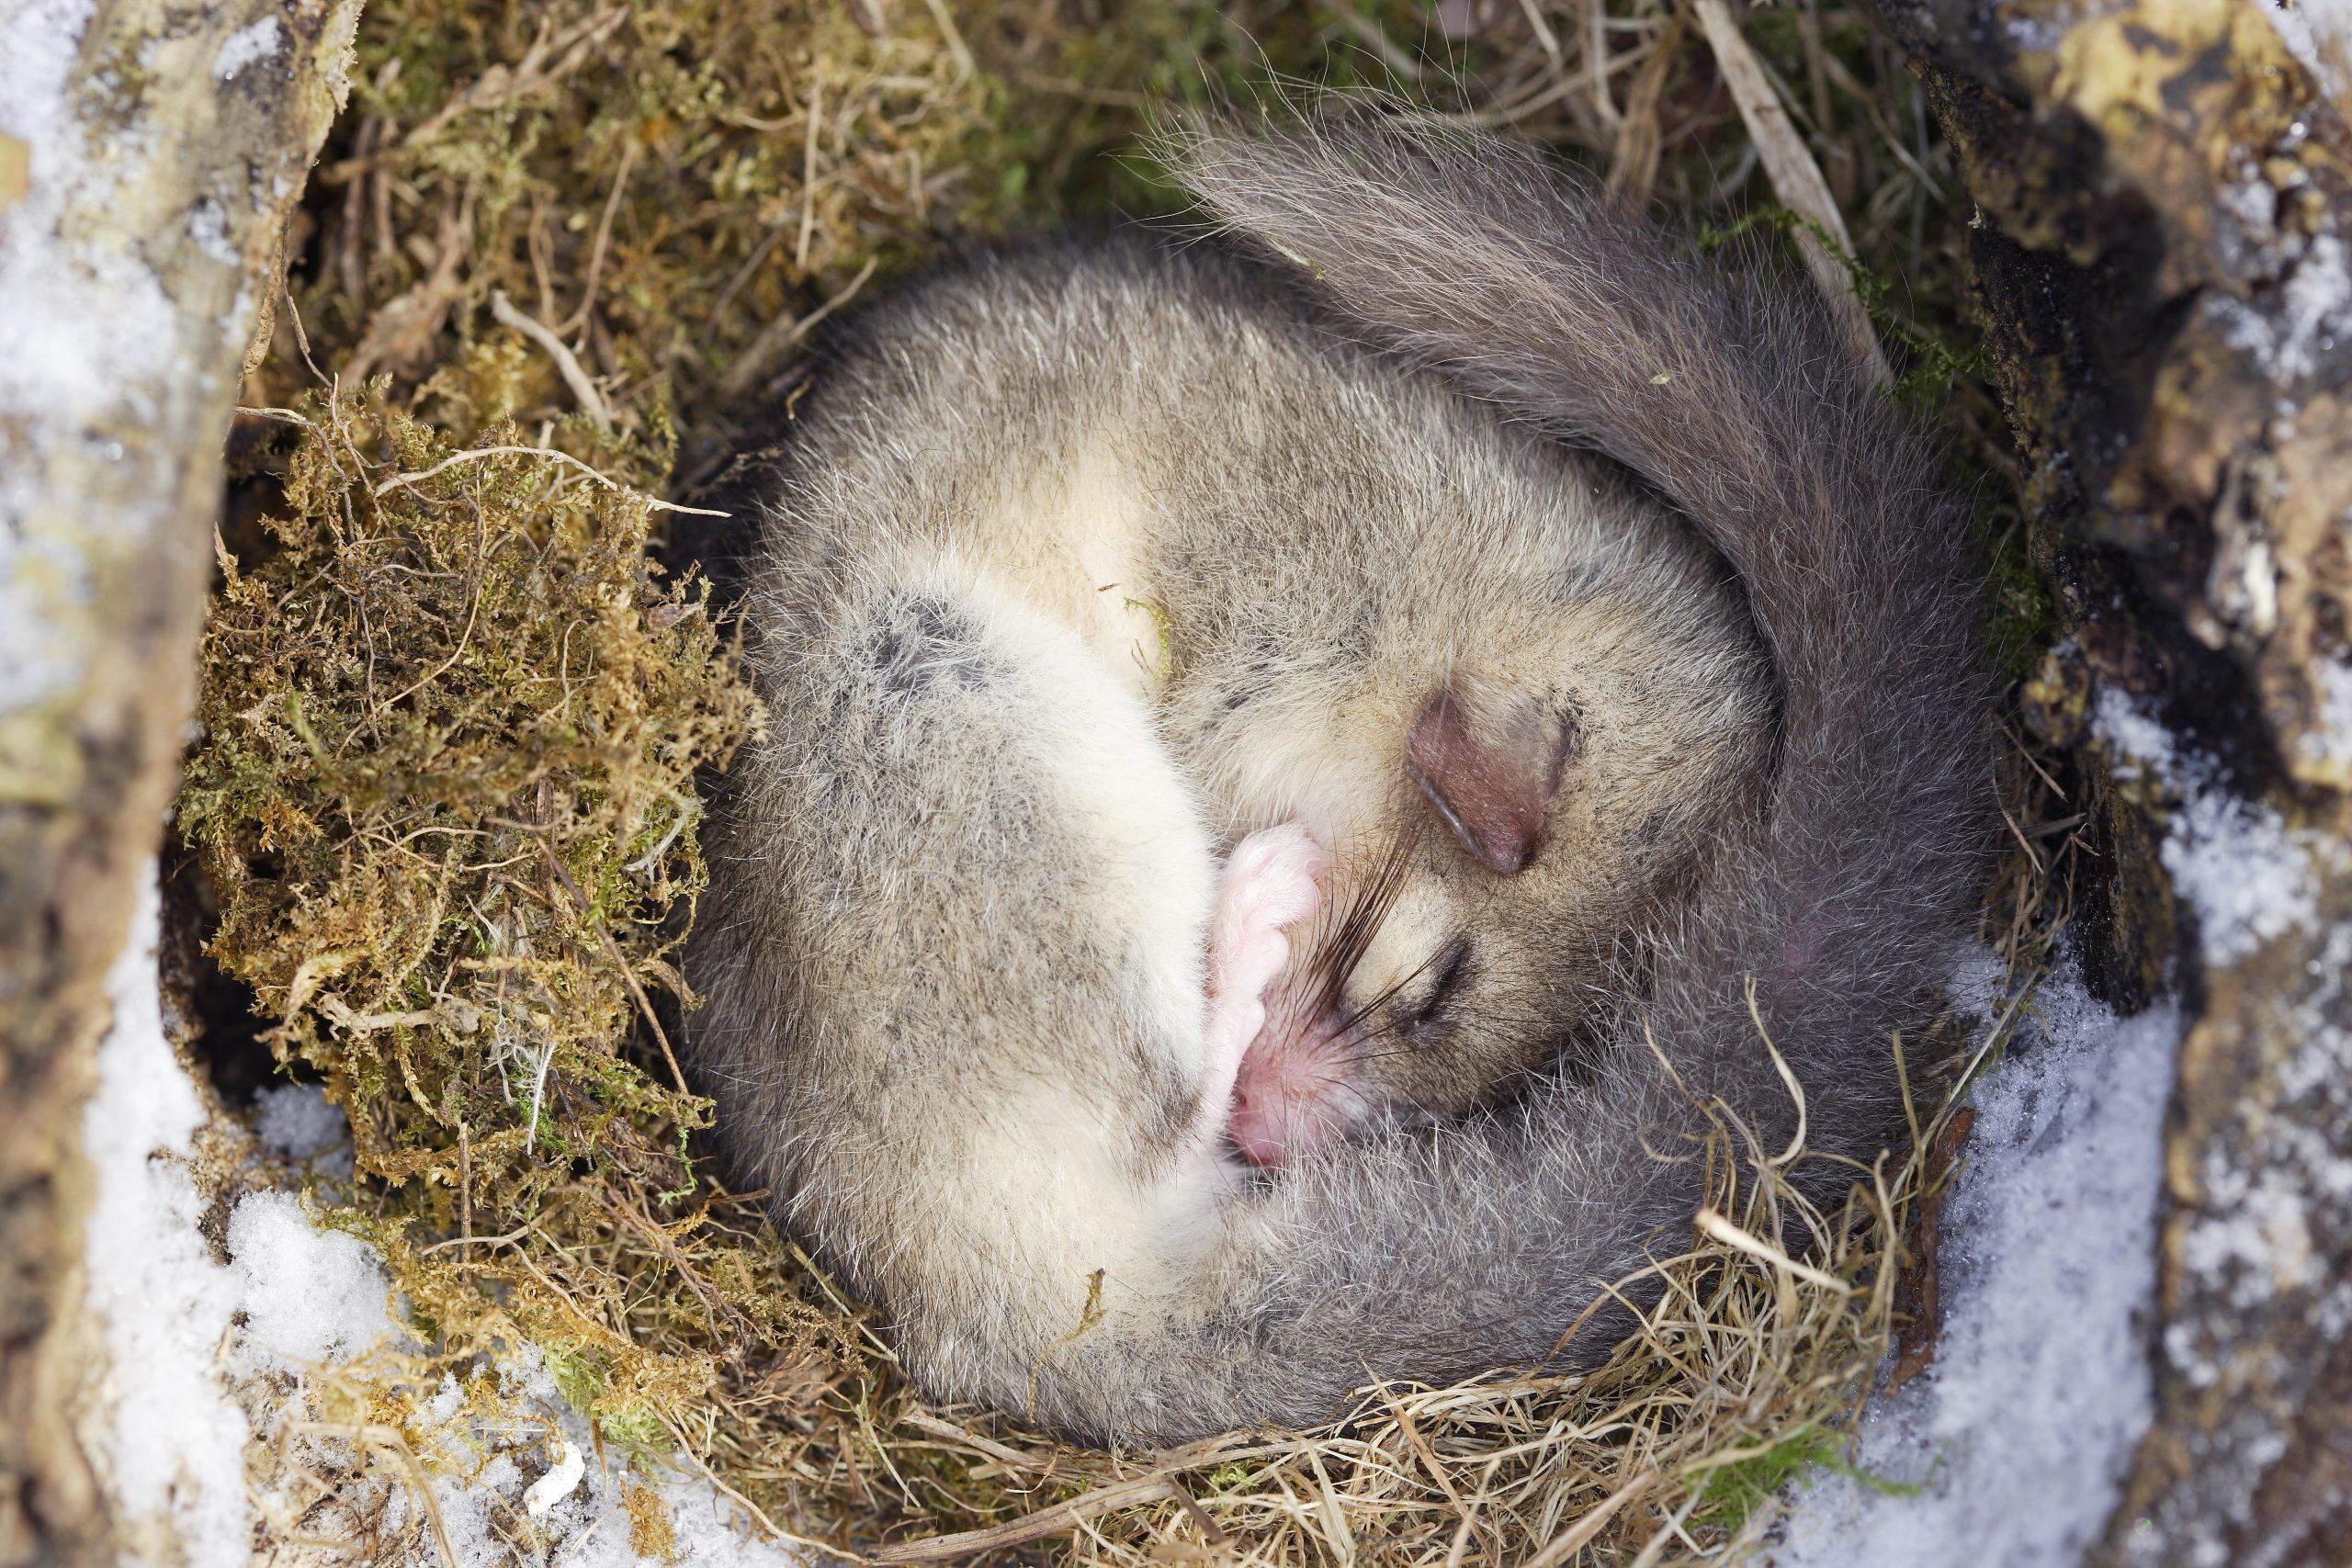 Comment Les Animaux Peuvent-Ils Hiberner Sans Boire ? Gabin pour Animaux Qui Hivernent